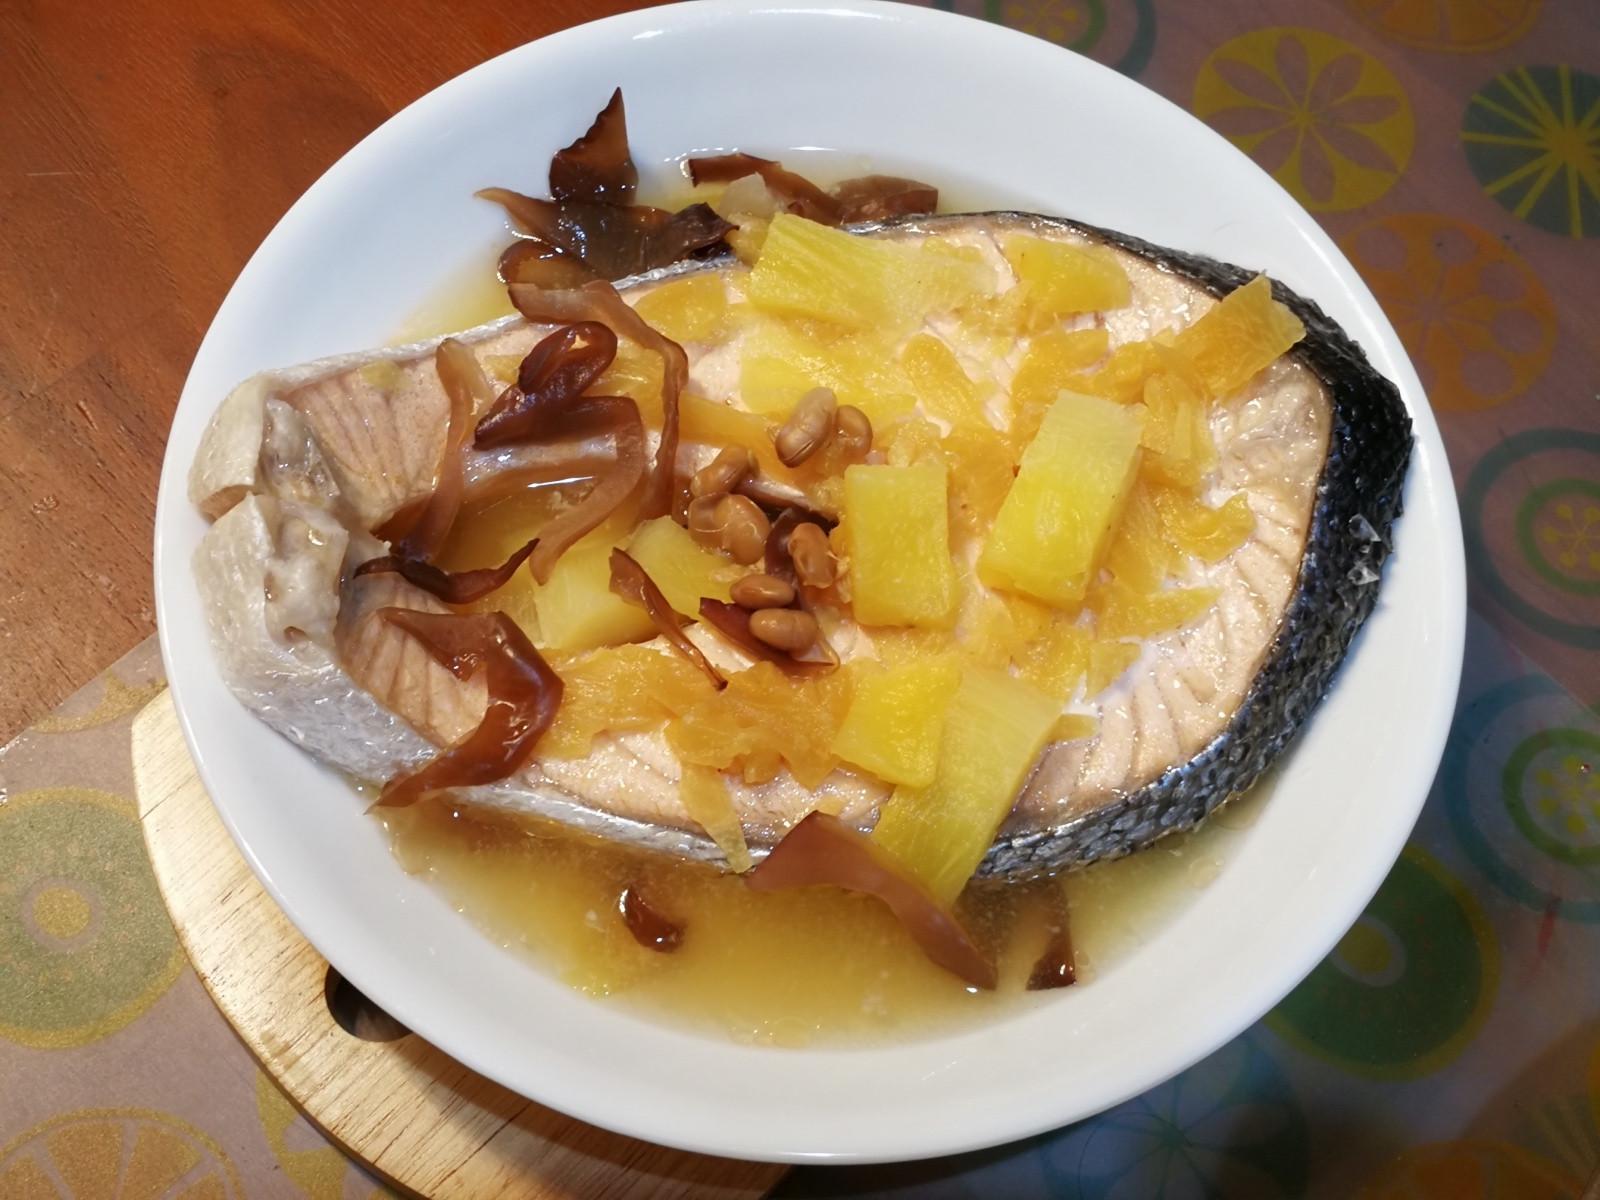 雙鳳清蒸鮭魚片(醬醃鳳梨/生鳳梨)